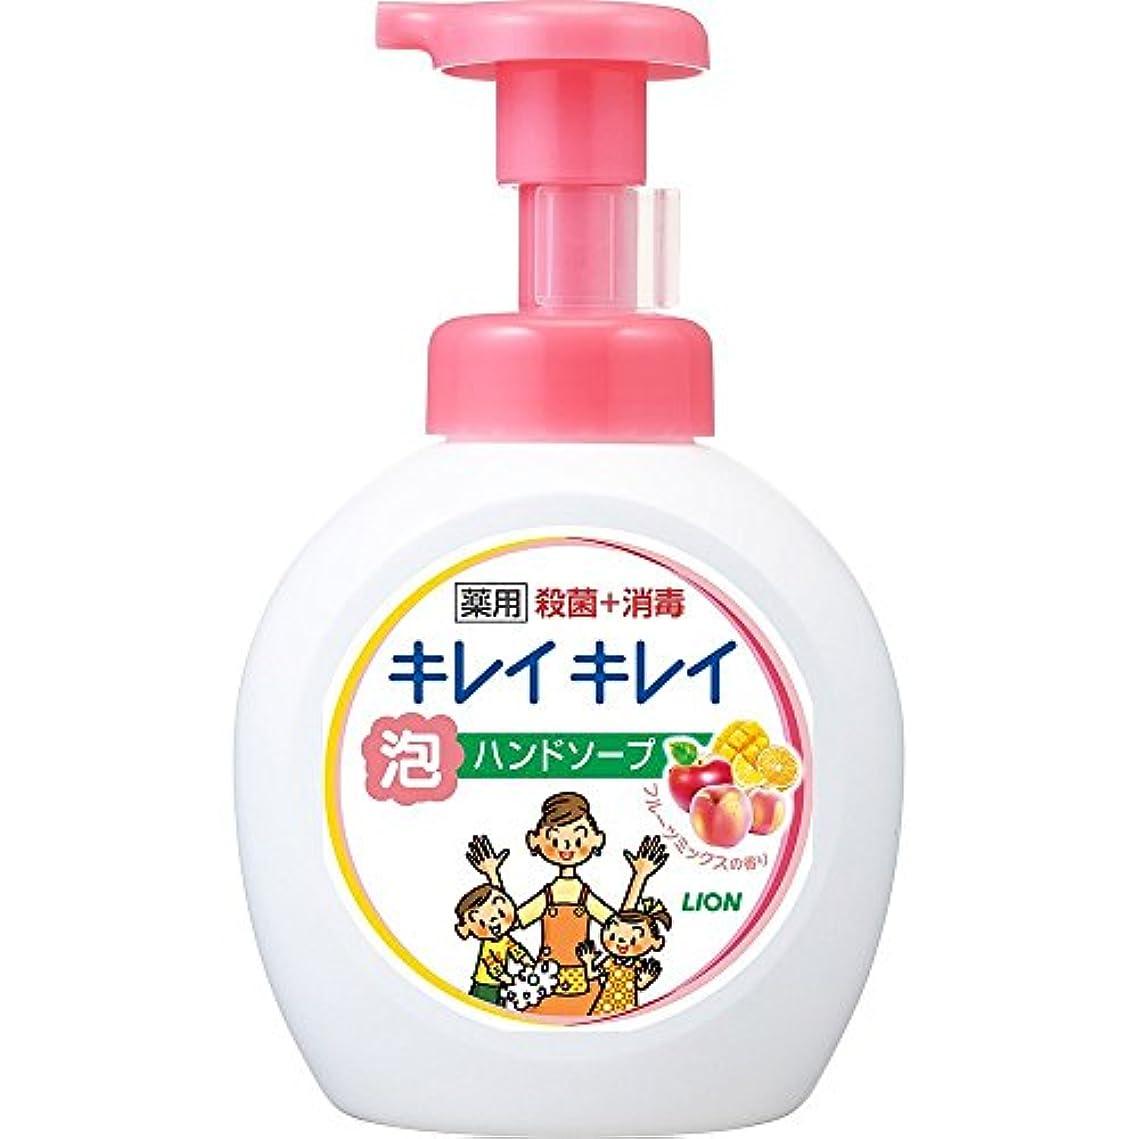 失望ペチコート誰キレイキレイ 薬用 泡ハンドソープ フルーツミックスの香り 本体ポンプ 大型サイズ 500ml(医薬部外品)